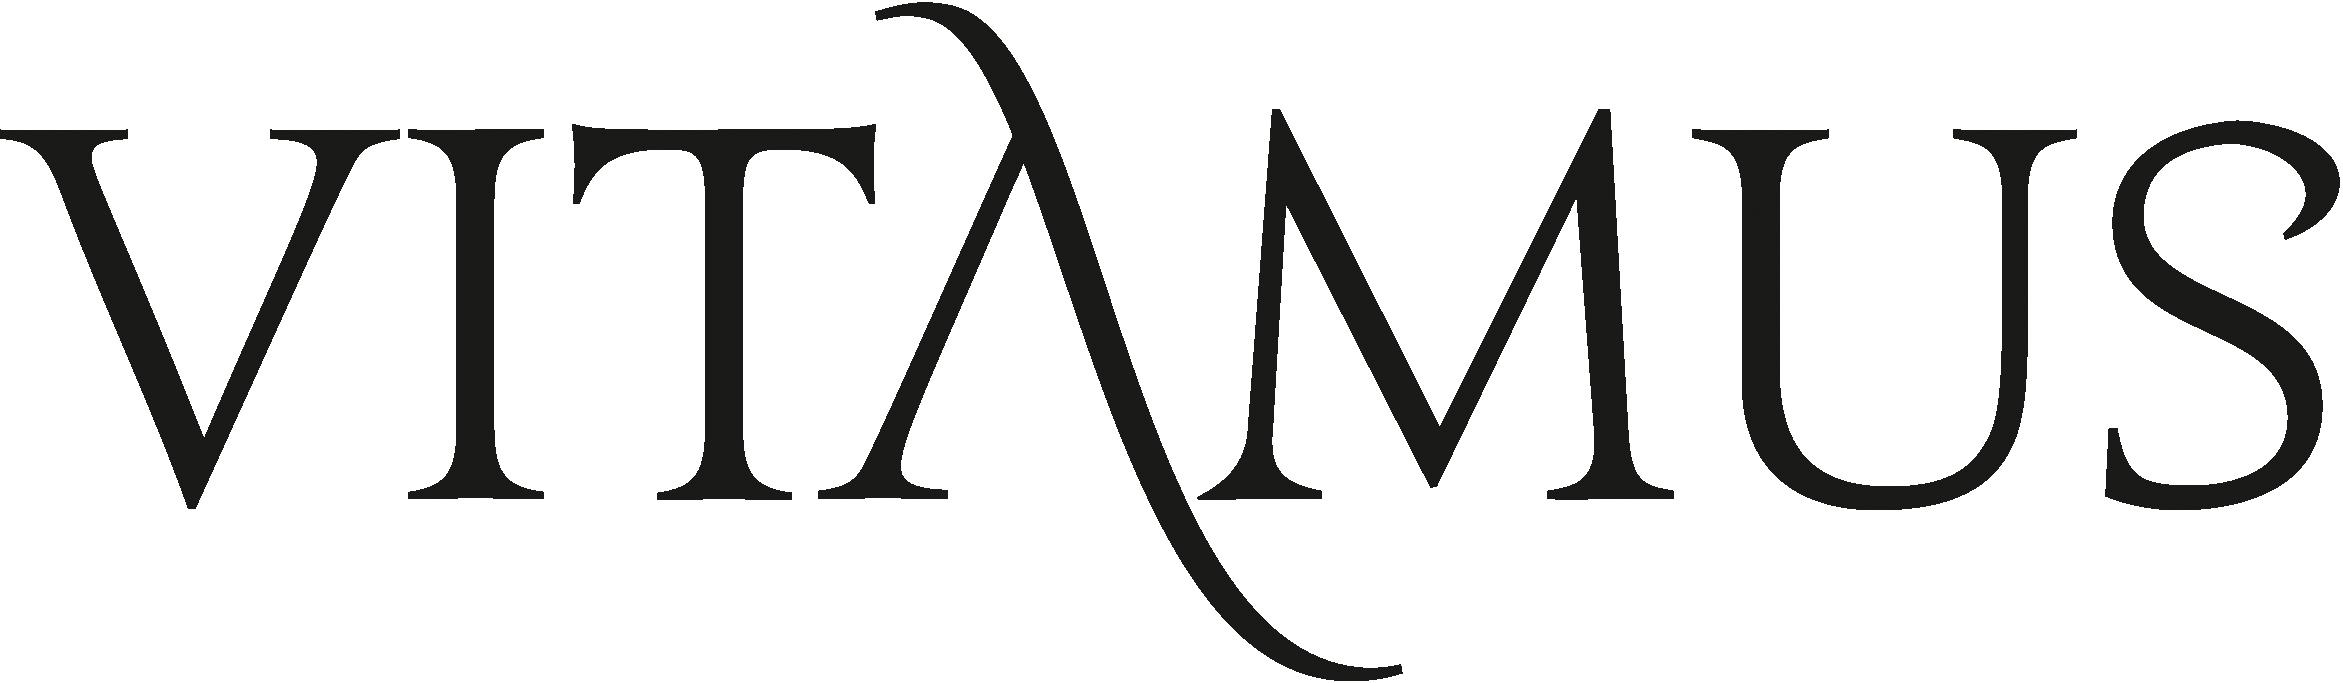 vitamus_logo_300dpi.png